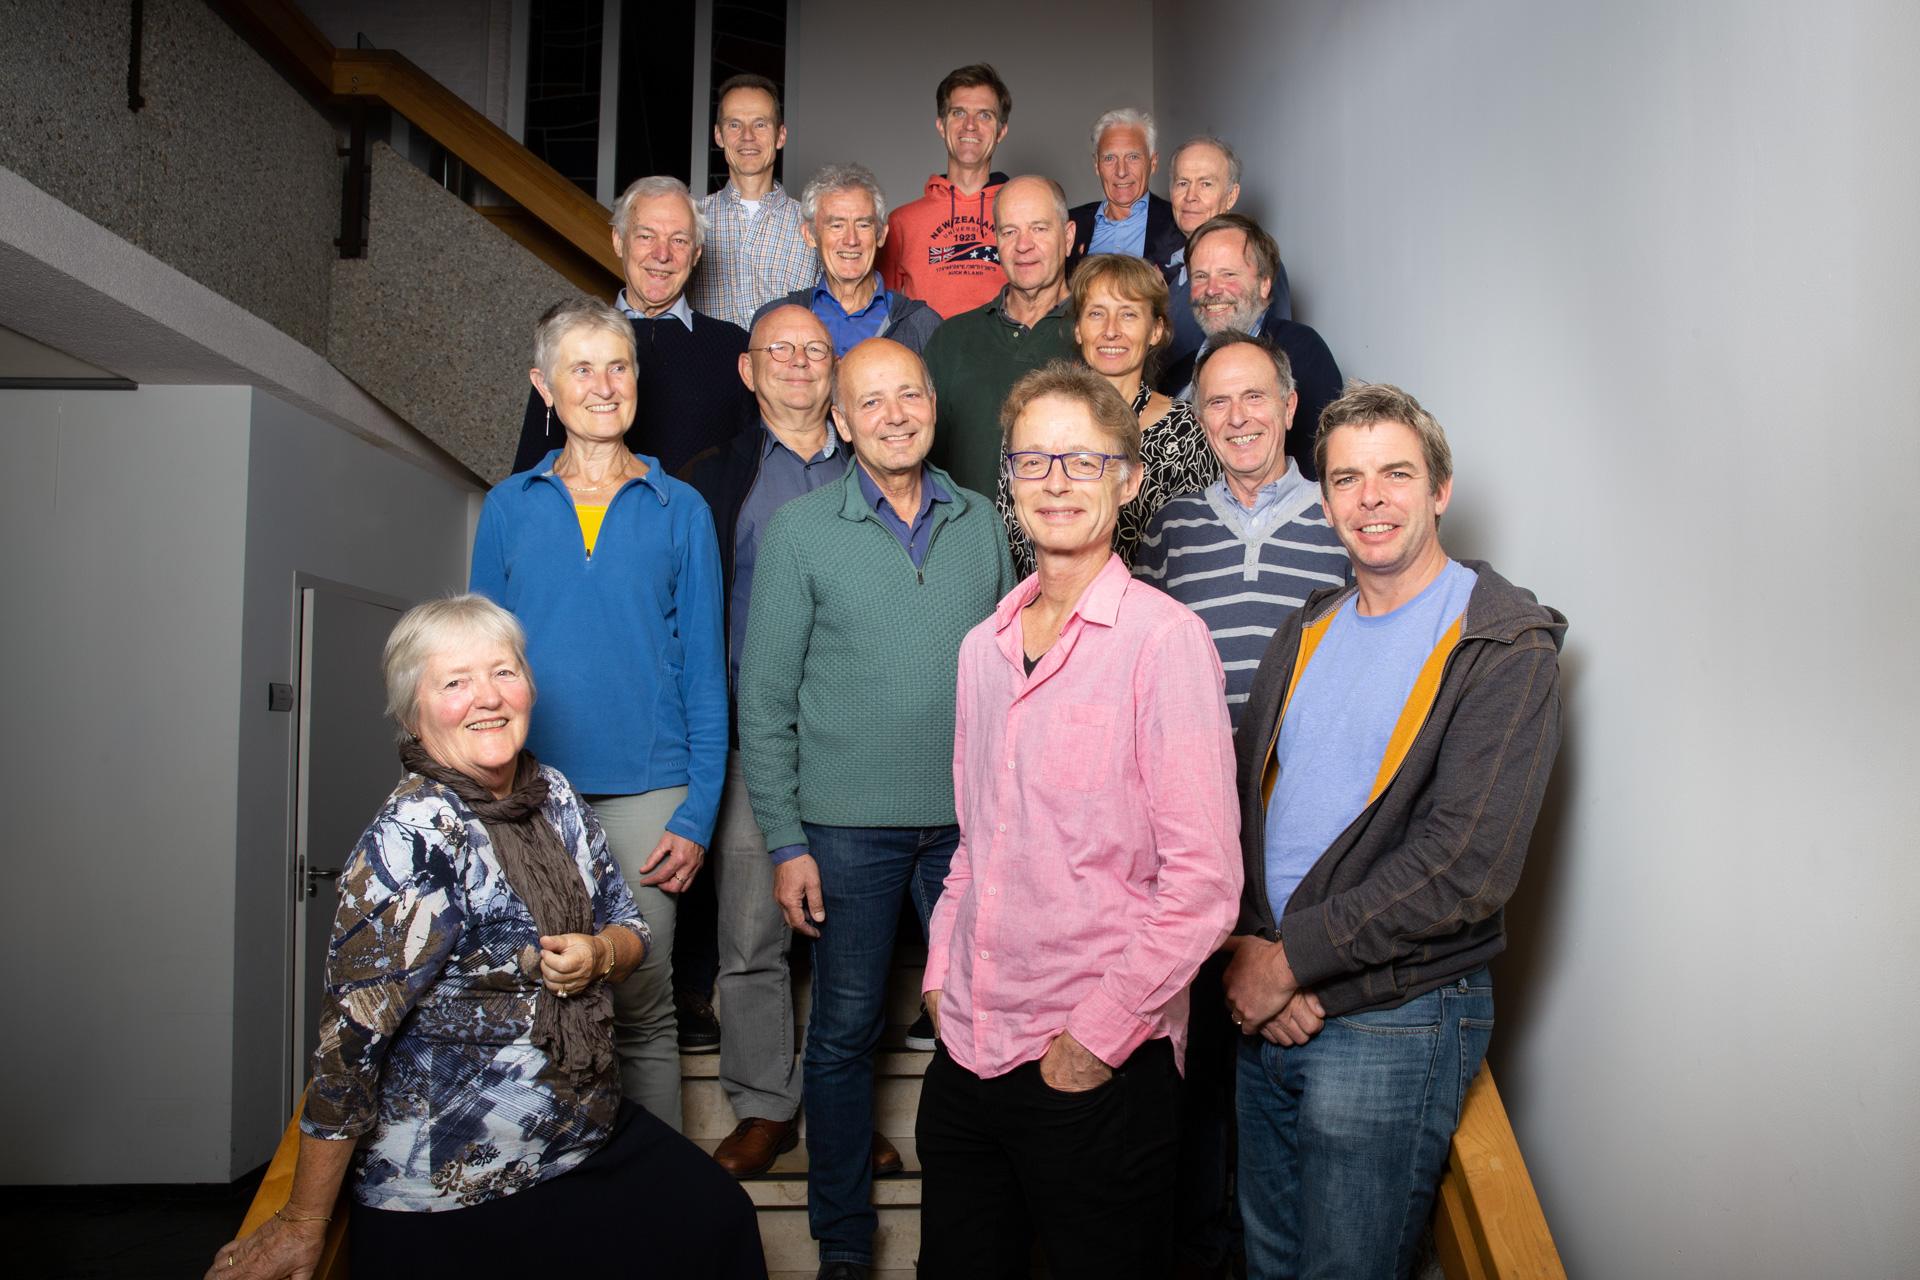 veenwind-groepsfoto